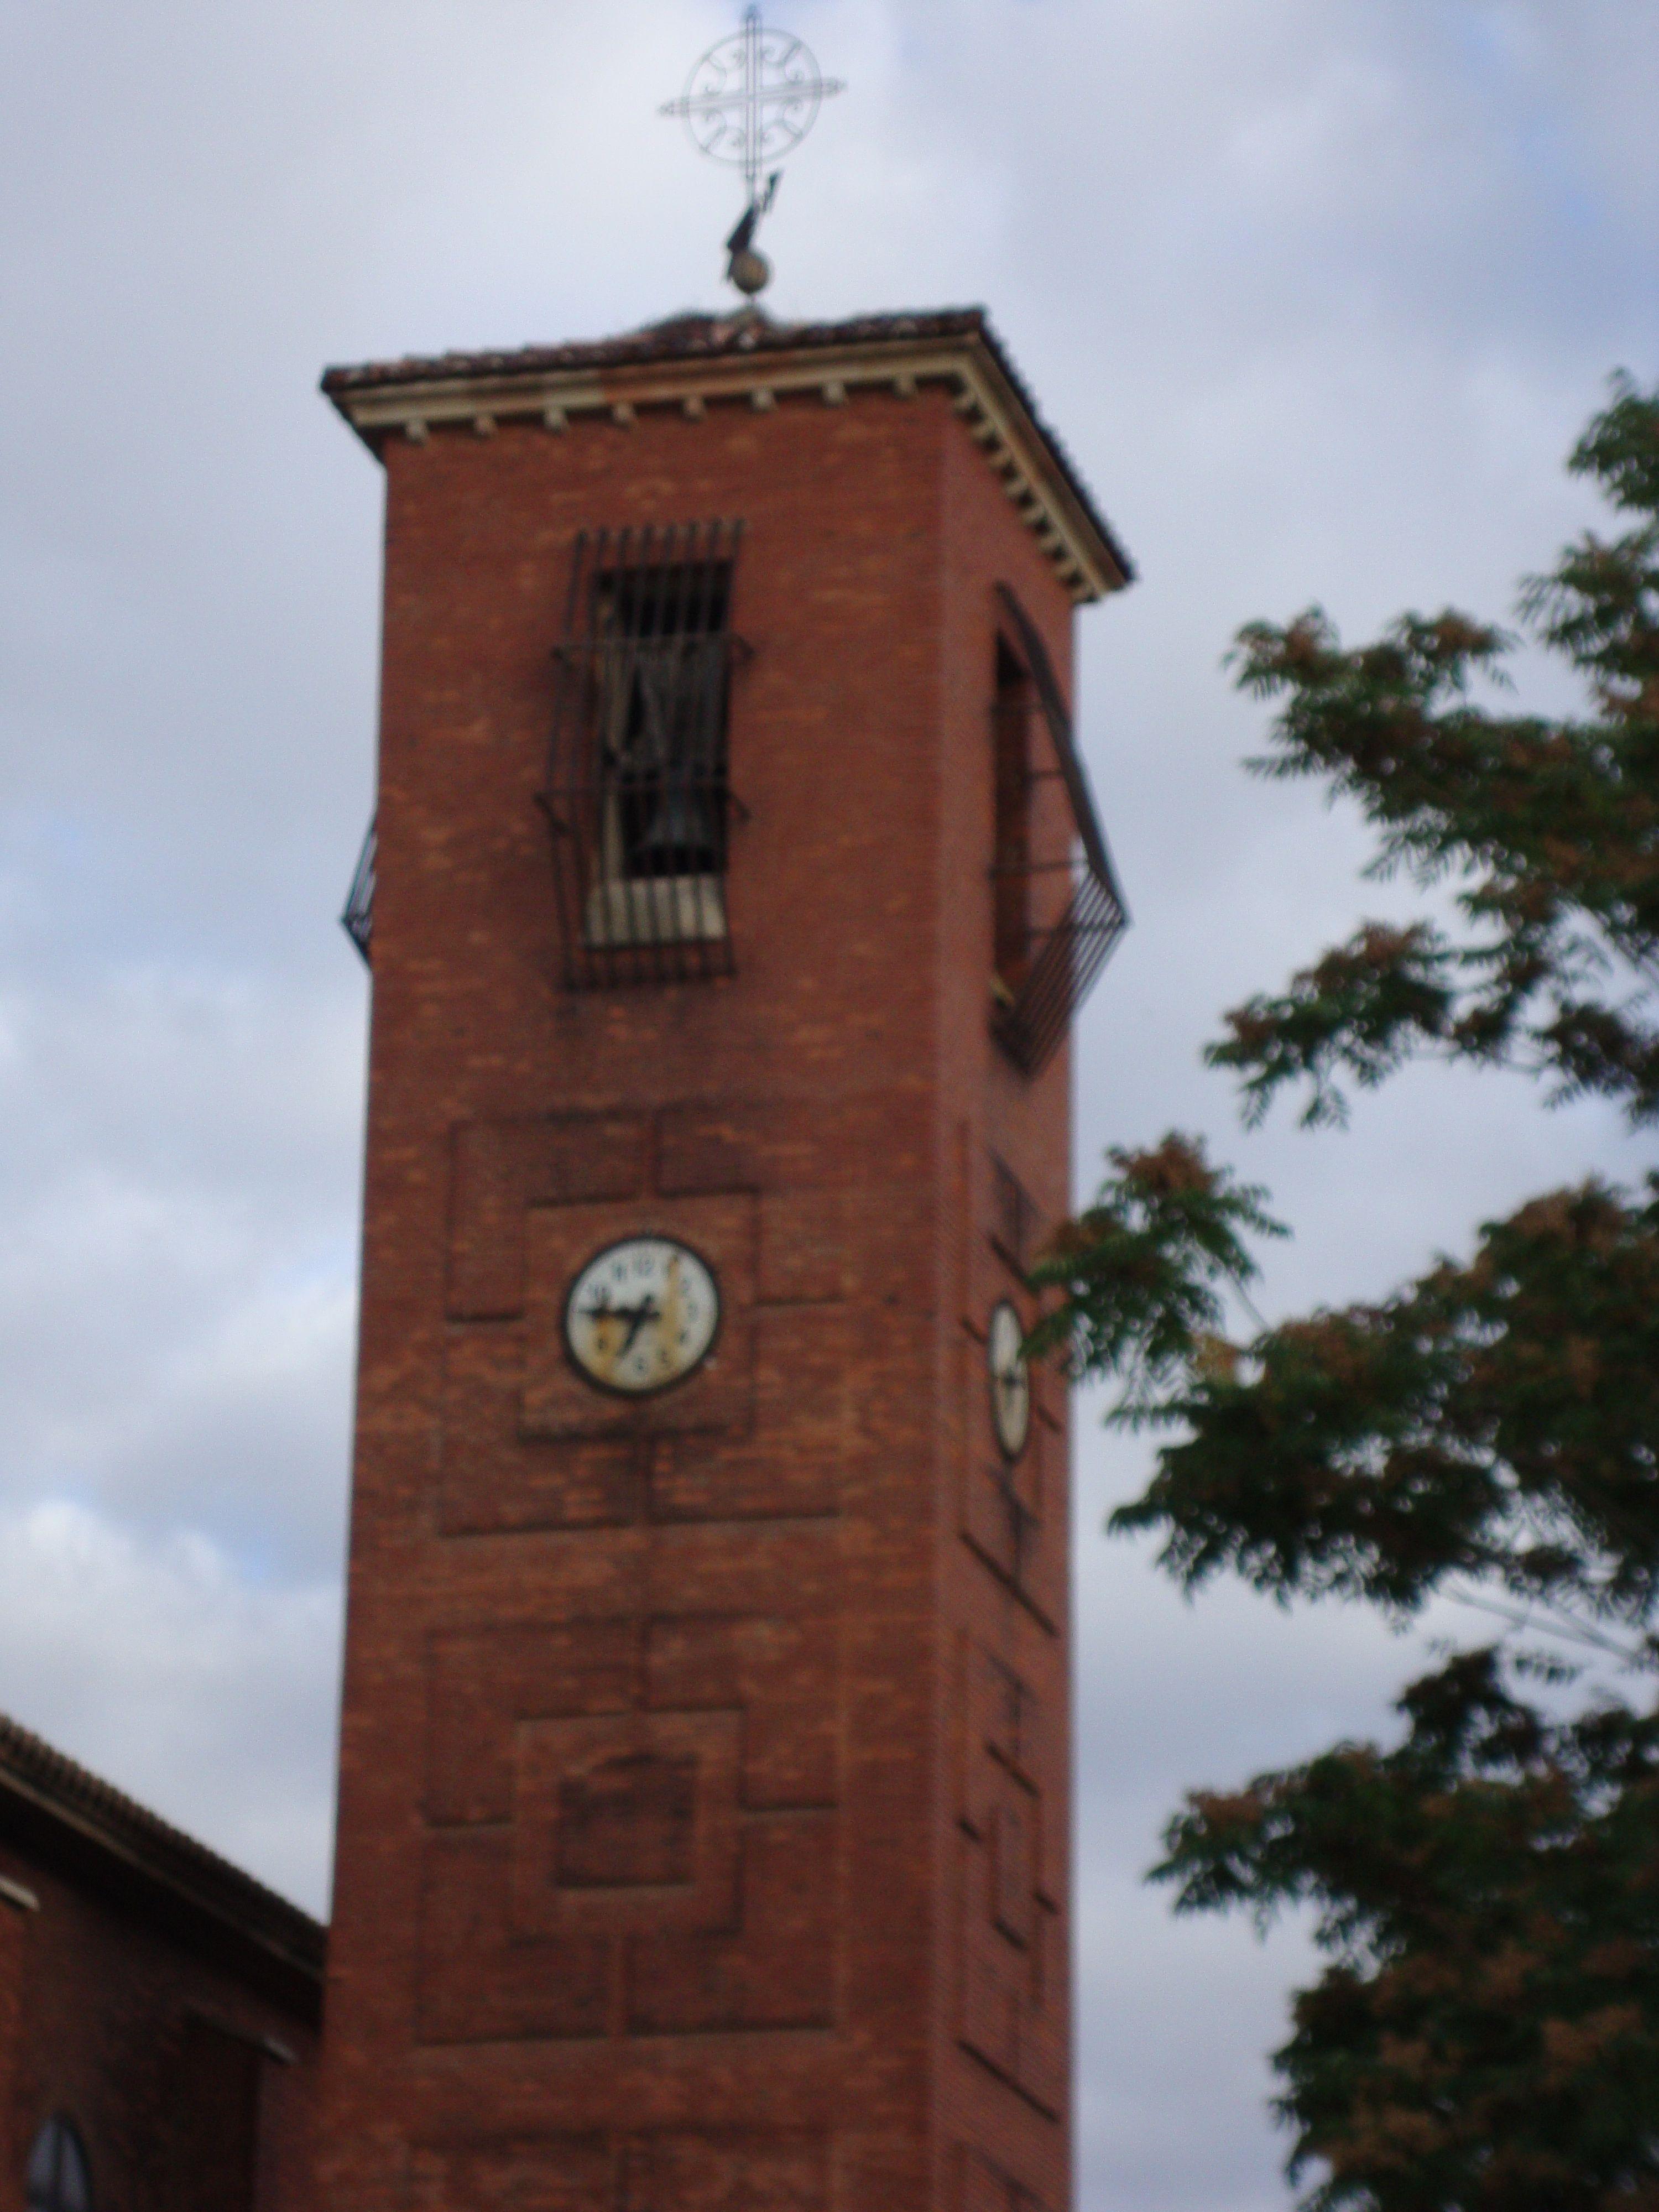 Venta De Banos Palencia Spain Palencia Espana Clock Wall Y